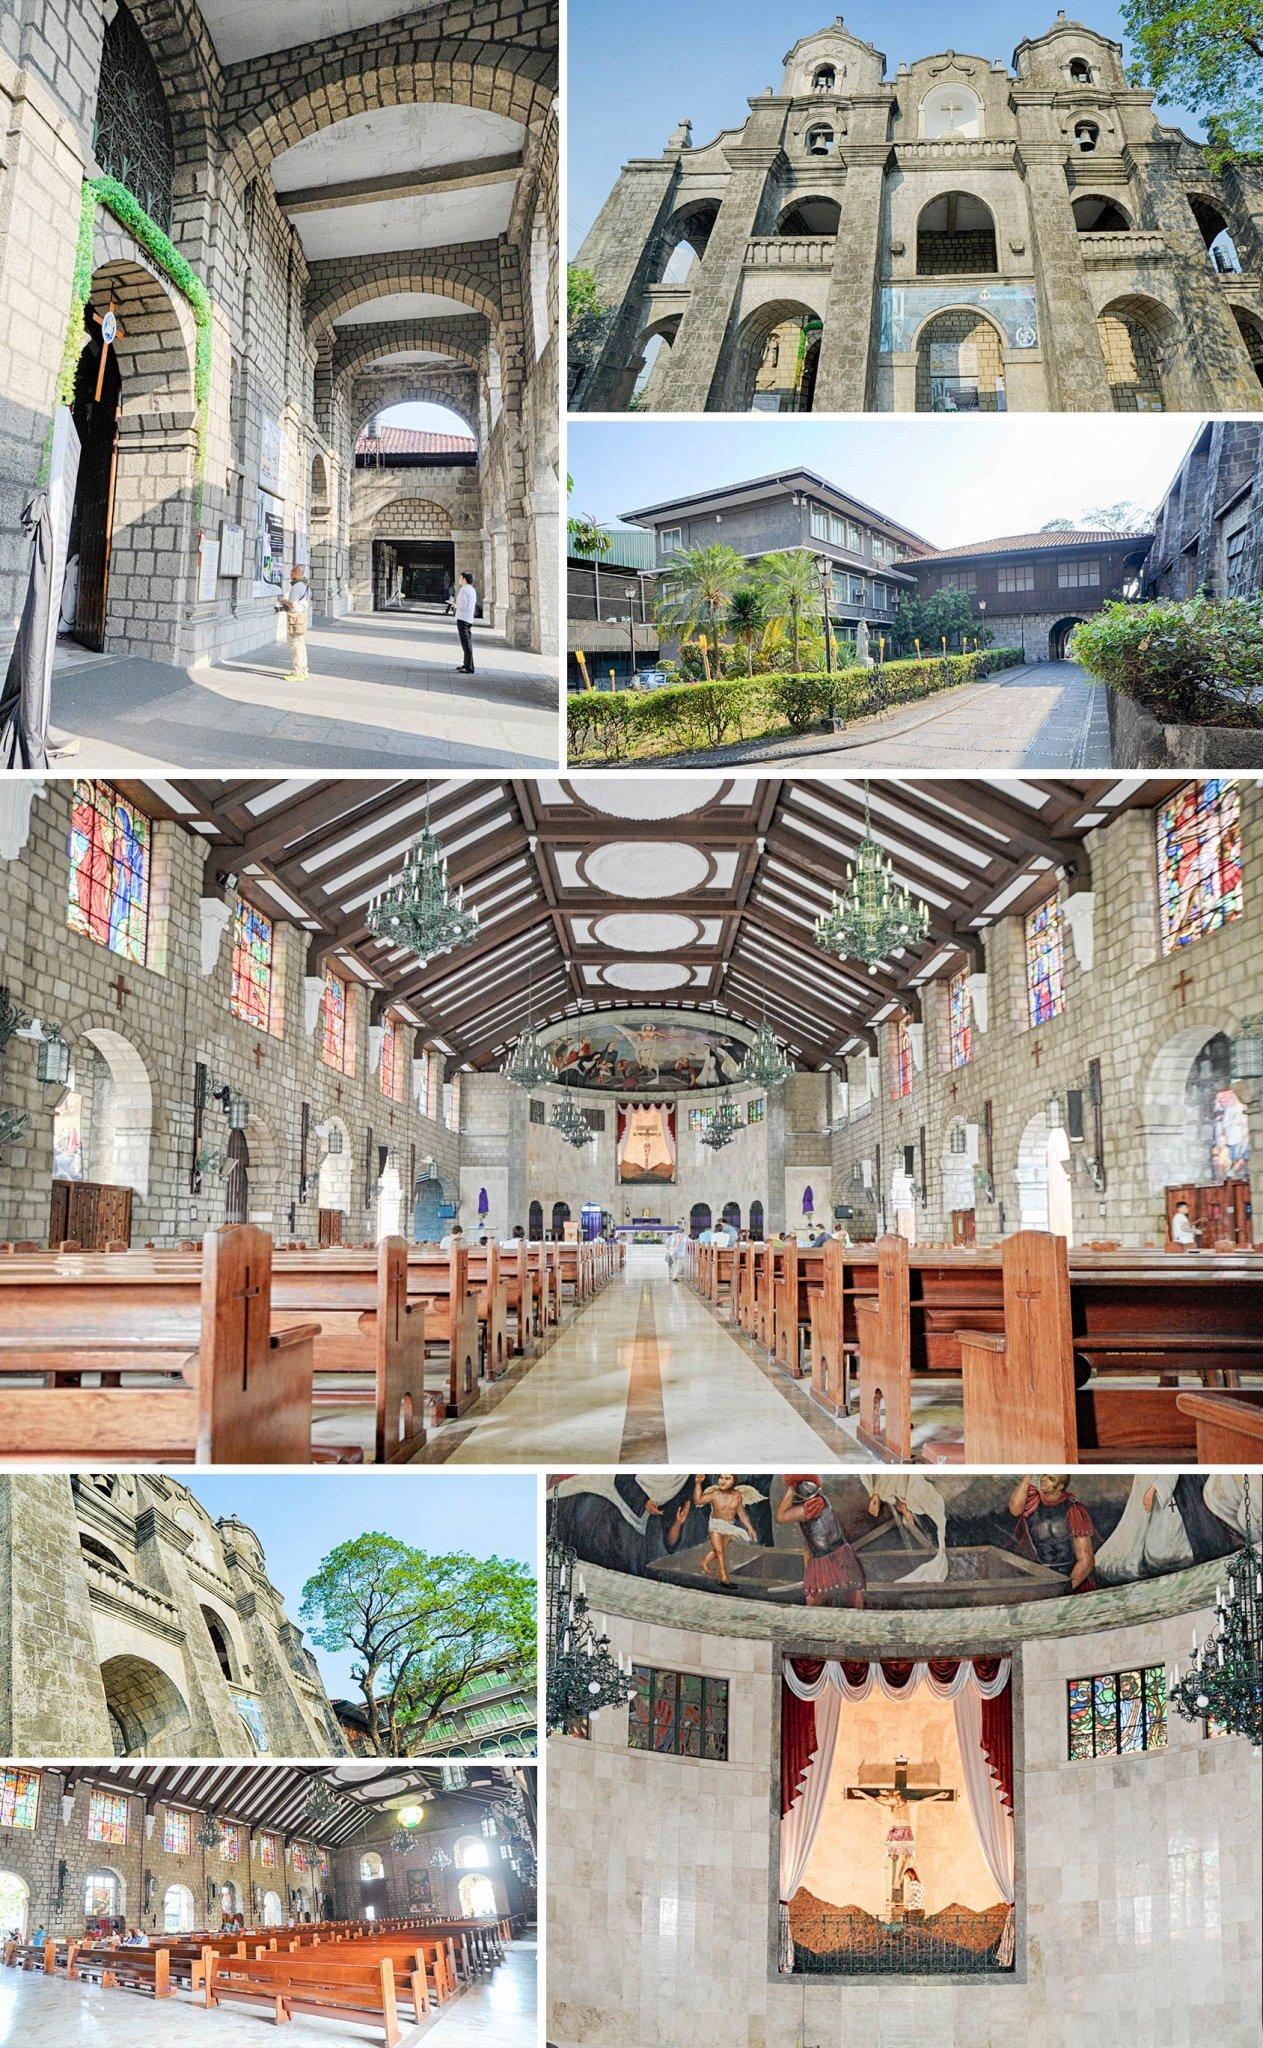 Sanctuario del Sto. Cristo Church